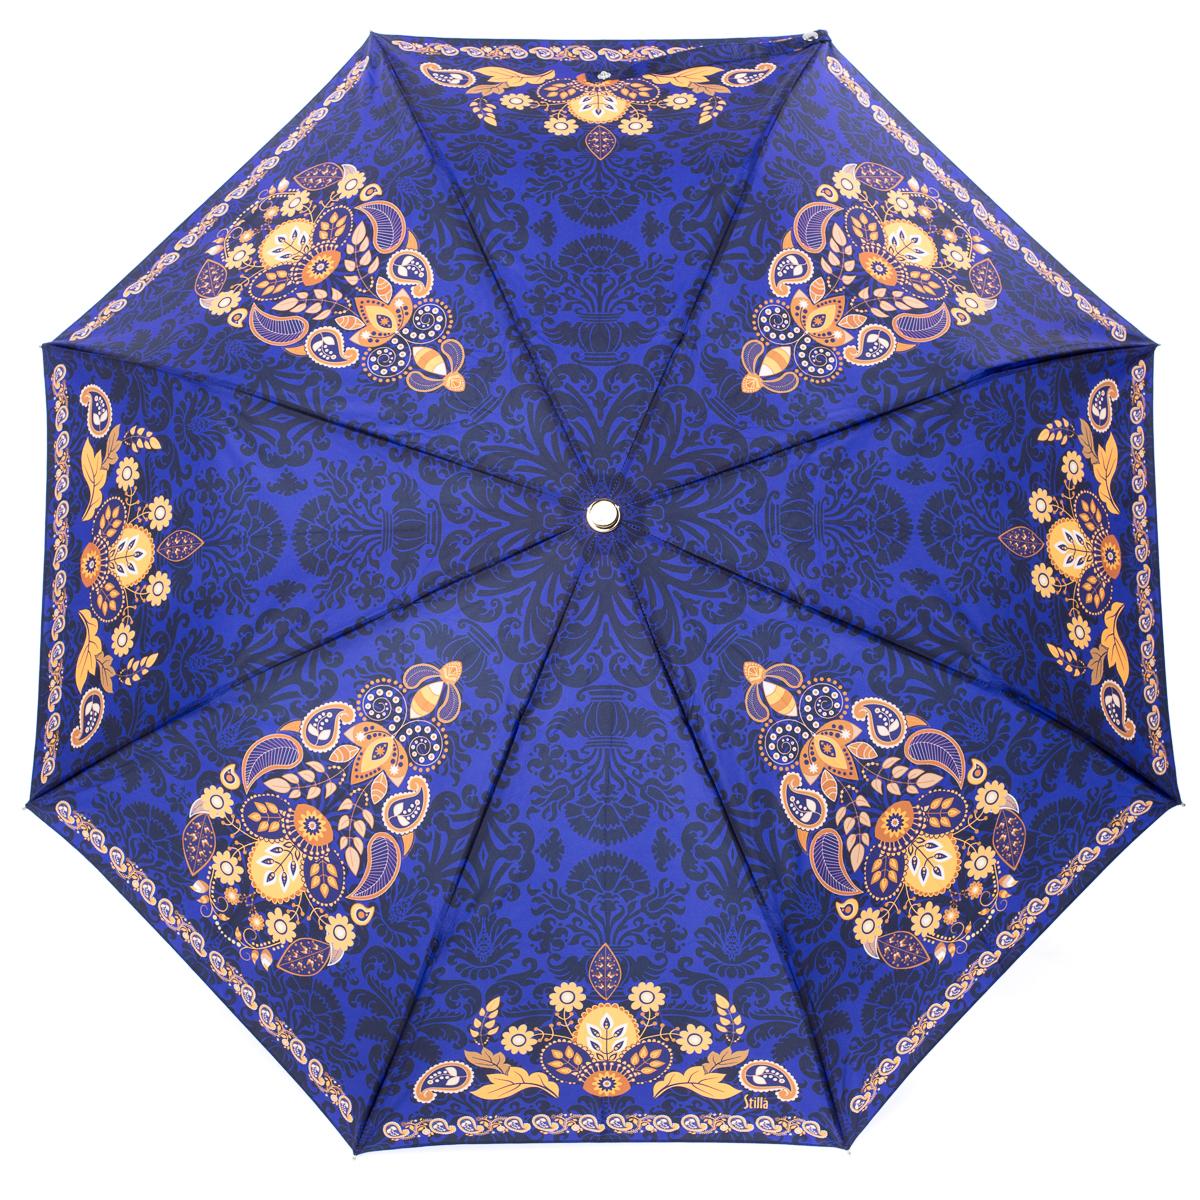 Зонт женский Stilla, цвет: синий, желтый. 743/1 miniПуссеты (гвоздики)Облегченный женский зонтик. Конструкция 3 сложения, полный автомат, облегченная конструкция (вес - 320 гр), система антиветер. Ткань - полиэстер. Диаметр купола - 112 см по верхней части, 101 см по нижней. Длина в сложенном состоянии - 27 см.